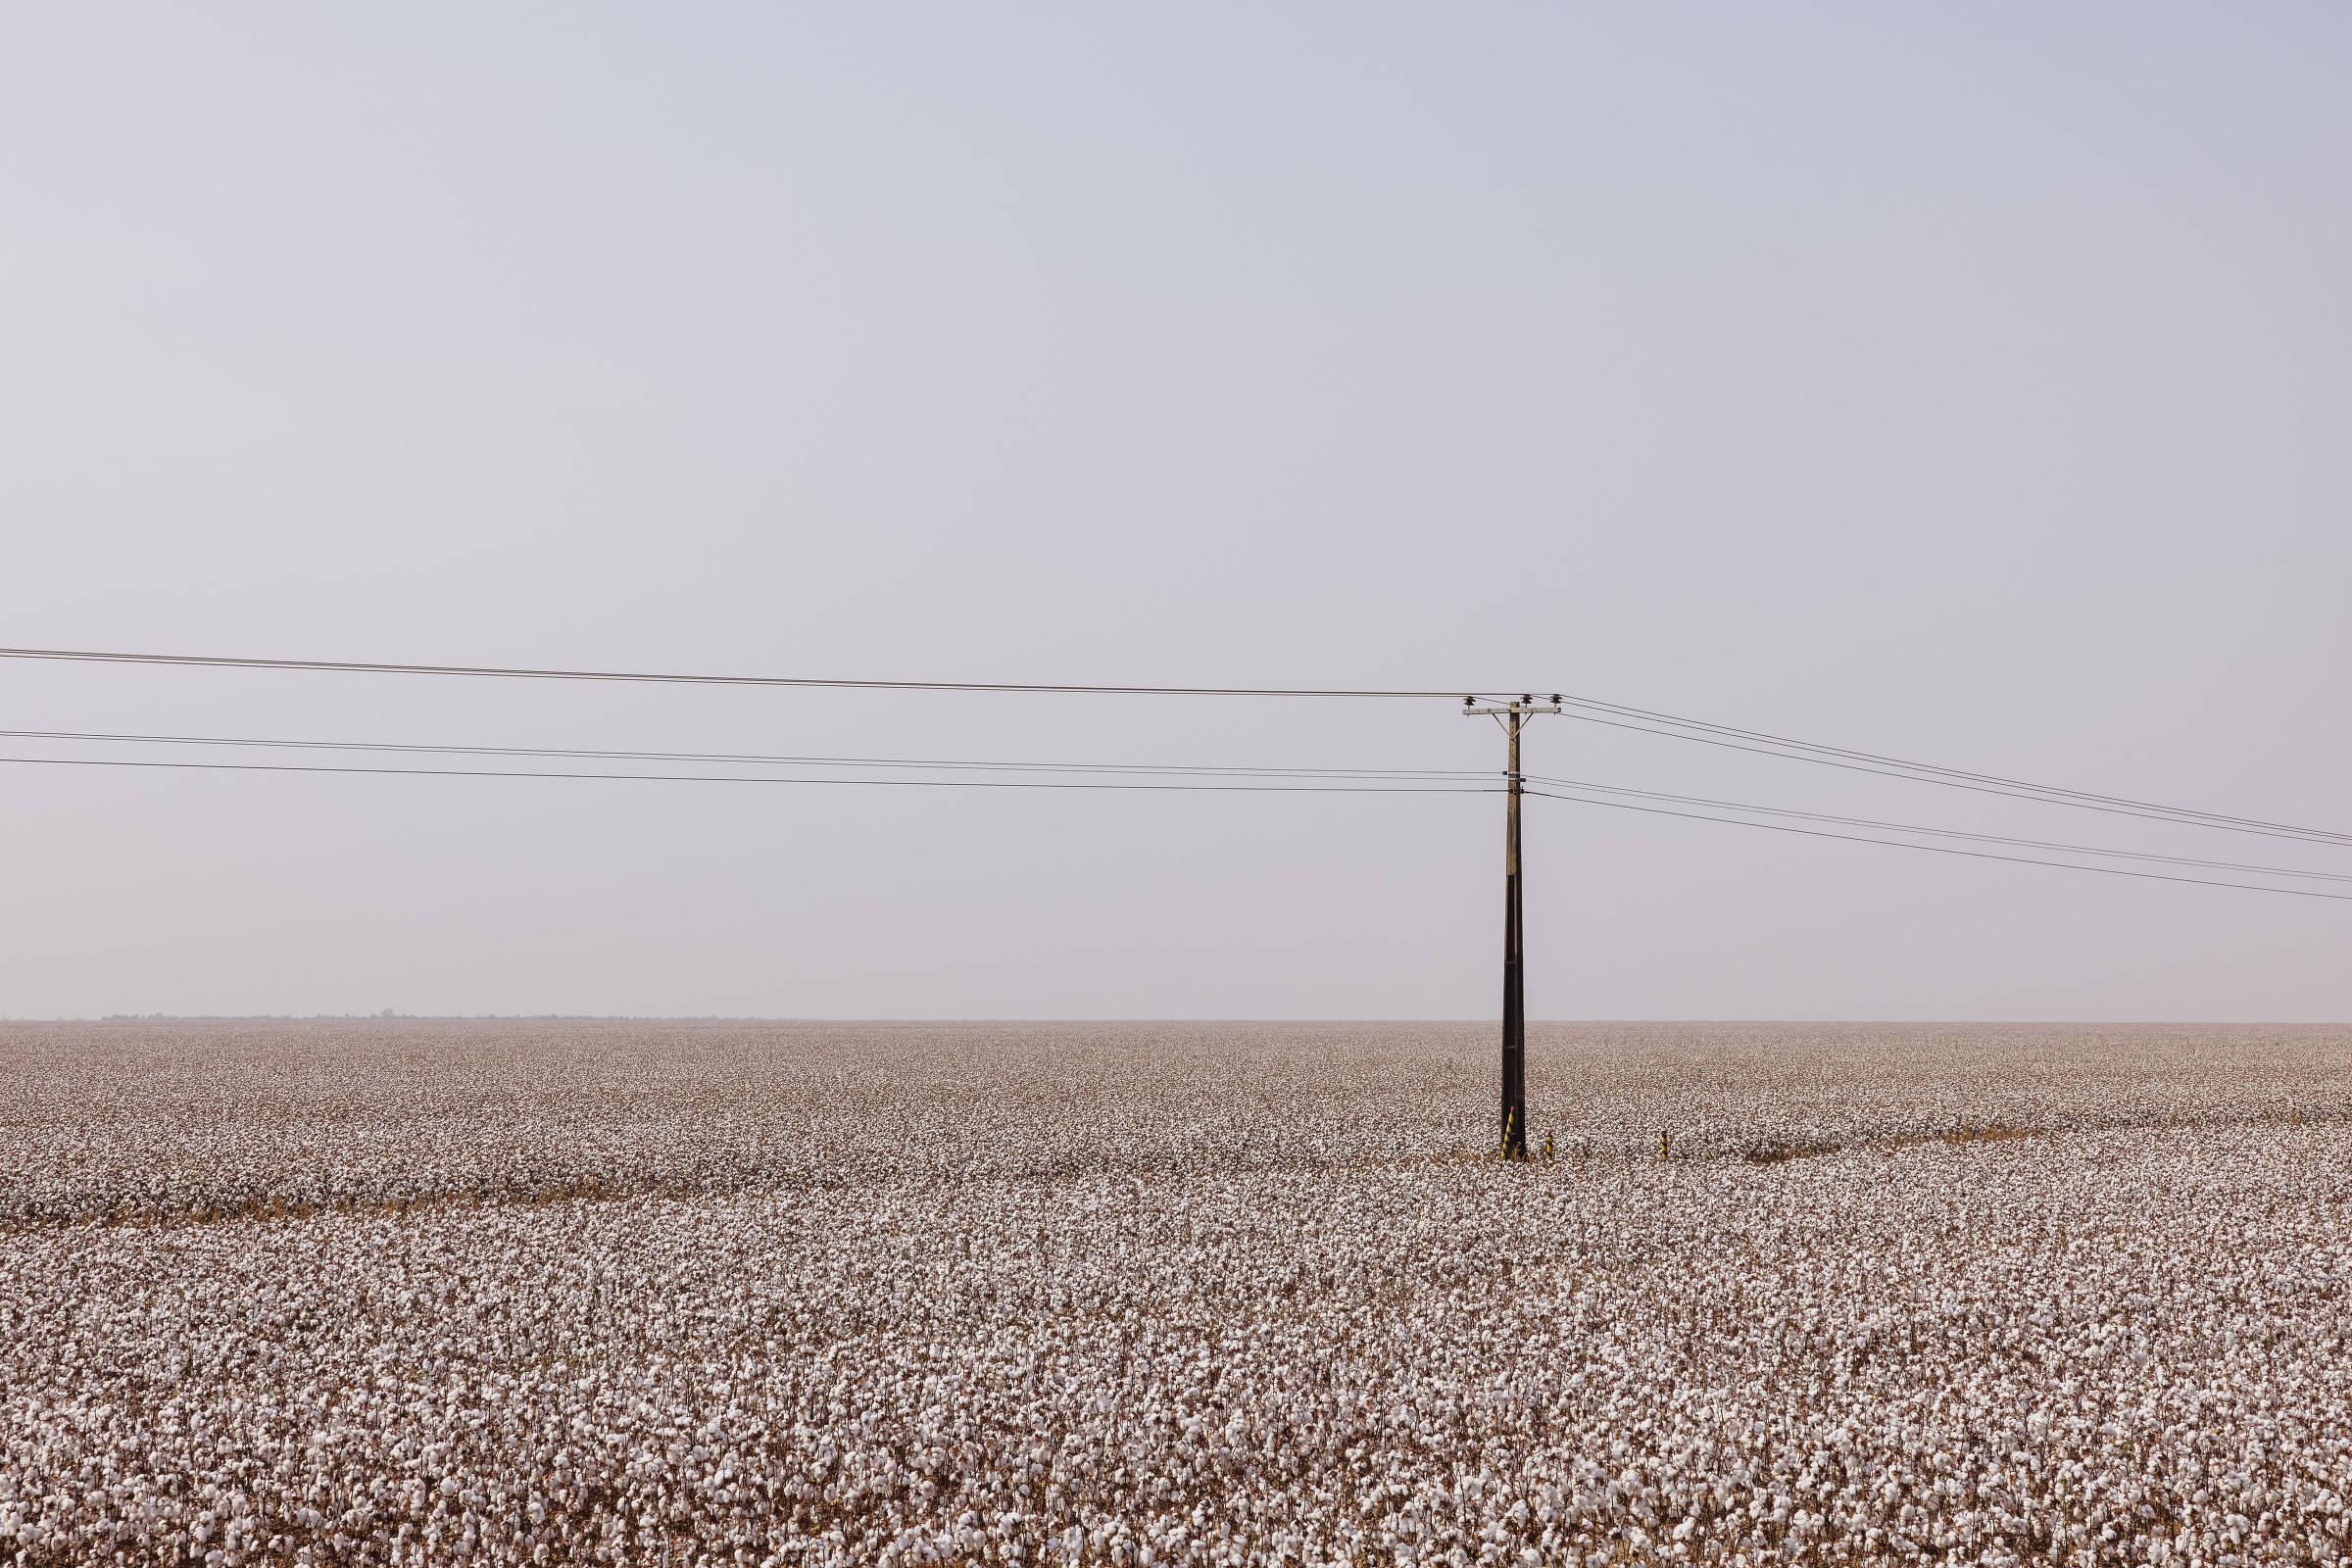 Plantação de algodão localizada às margens da BR-364 próximo a Campo Novo dos Parecis